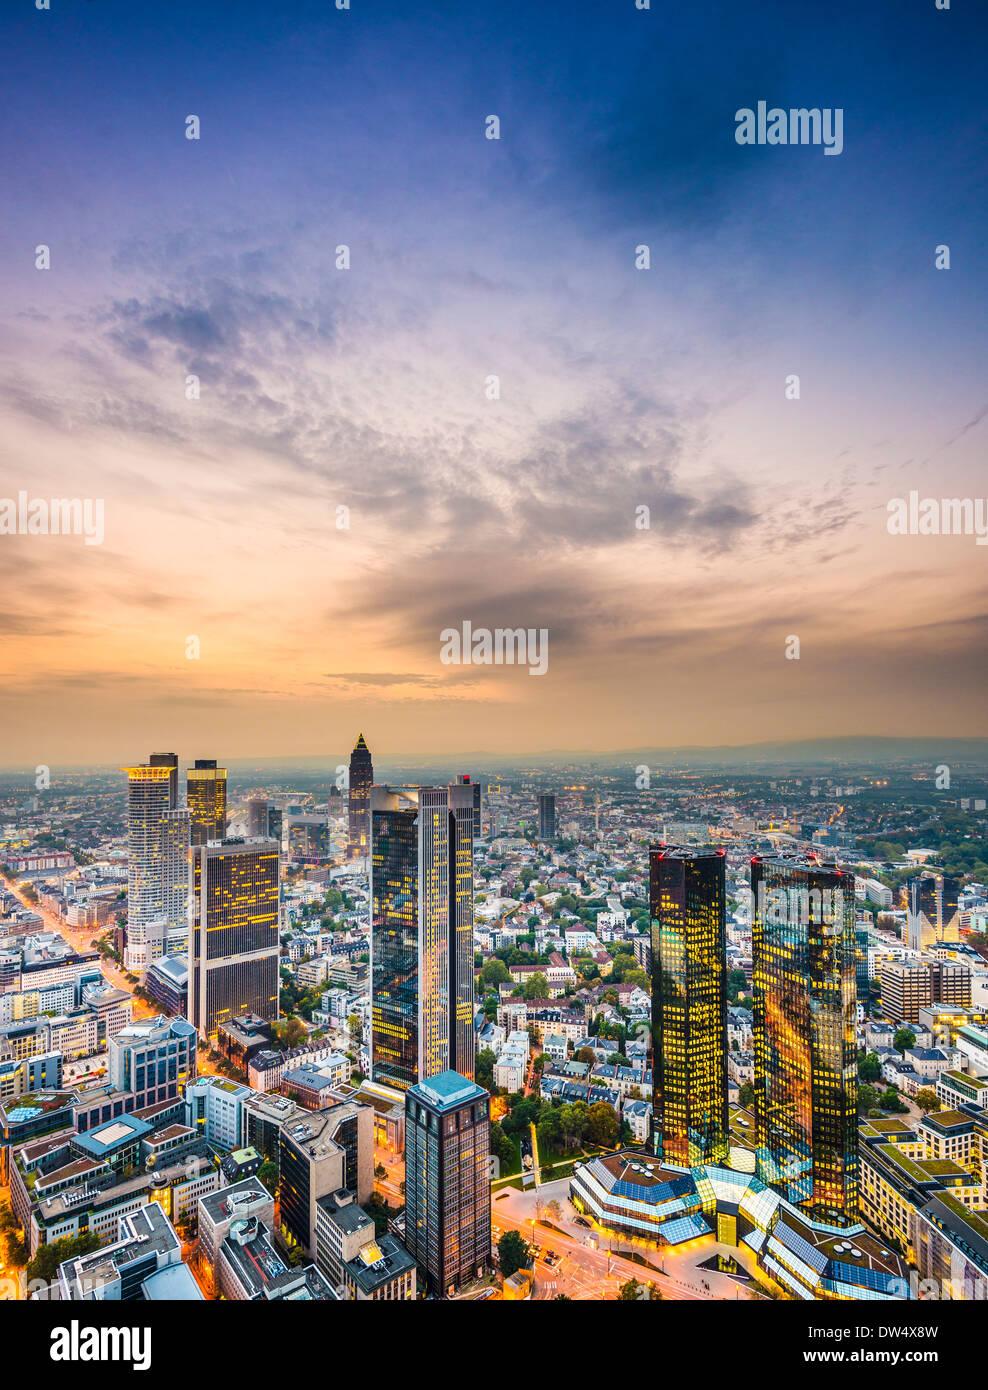 El horizonte de la ciudad de Frankfurt, Alemania. Imagen De Stock